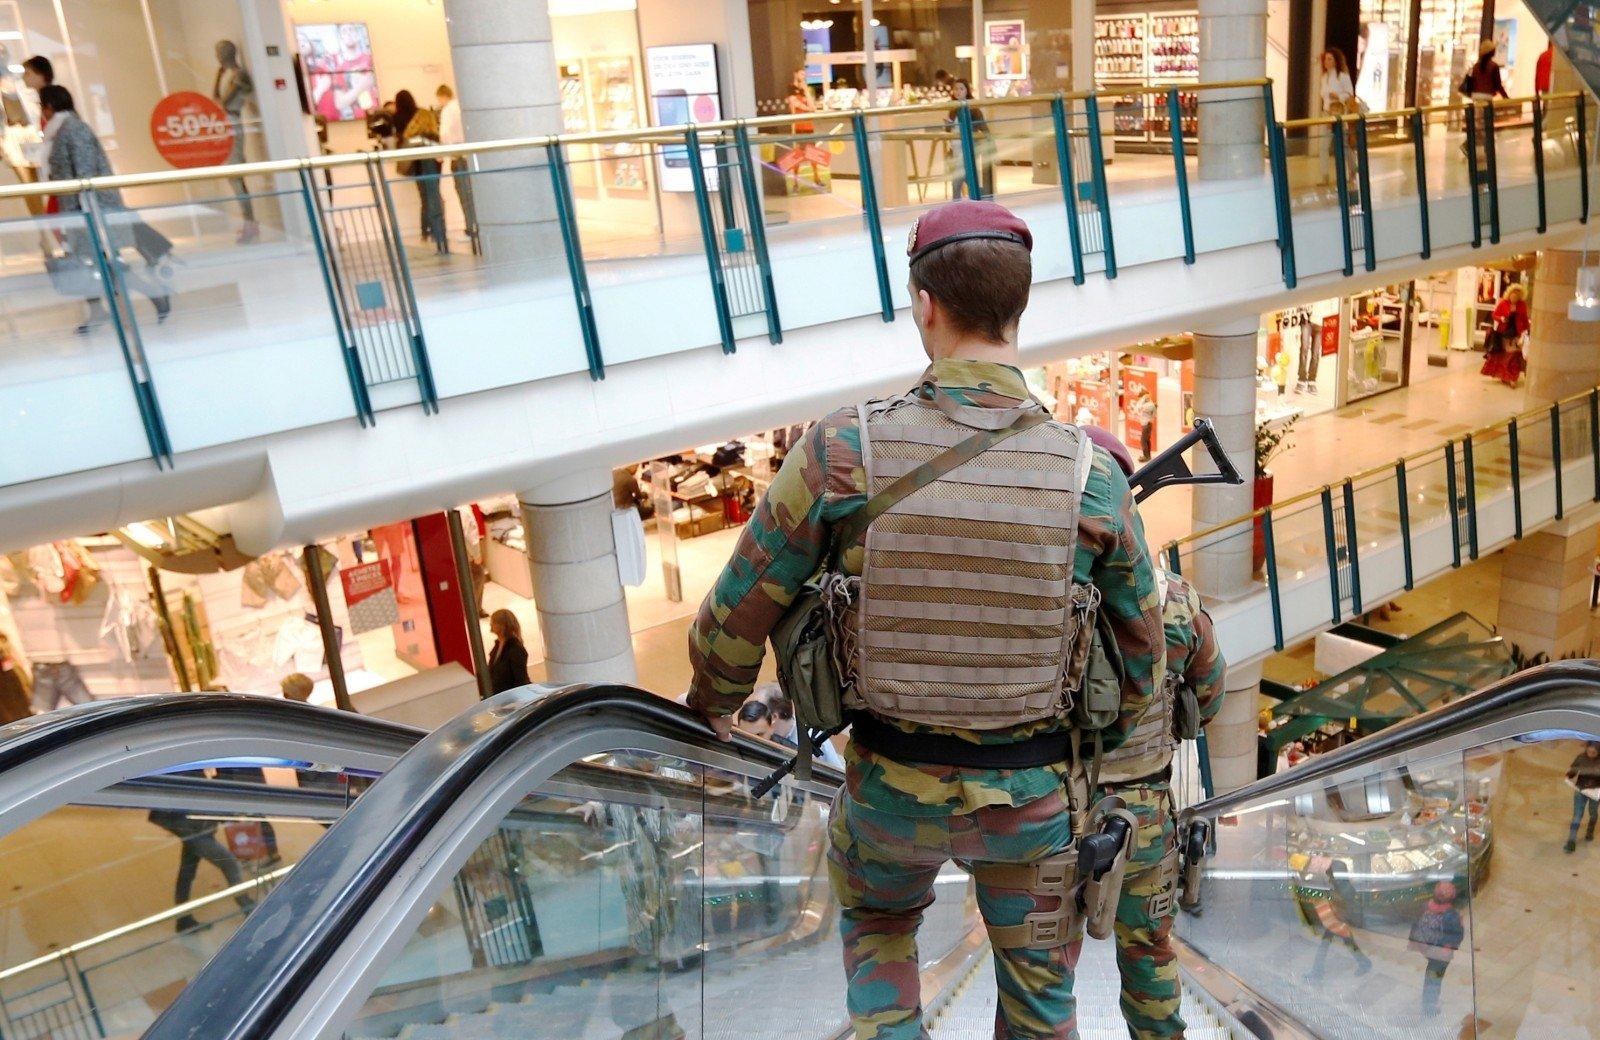 Из-за угрозы взрыва вБрюсселе эвакуировали торговый центр